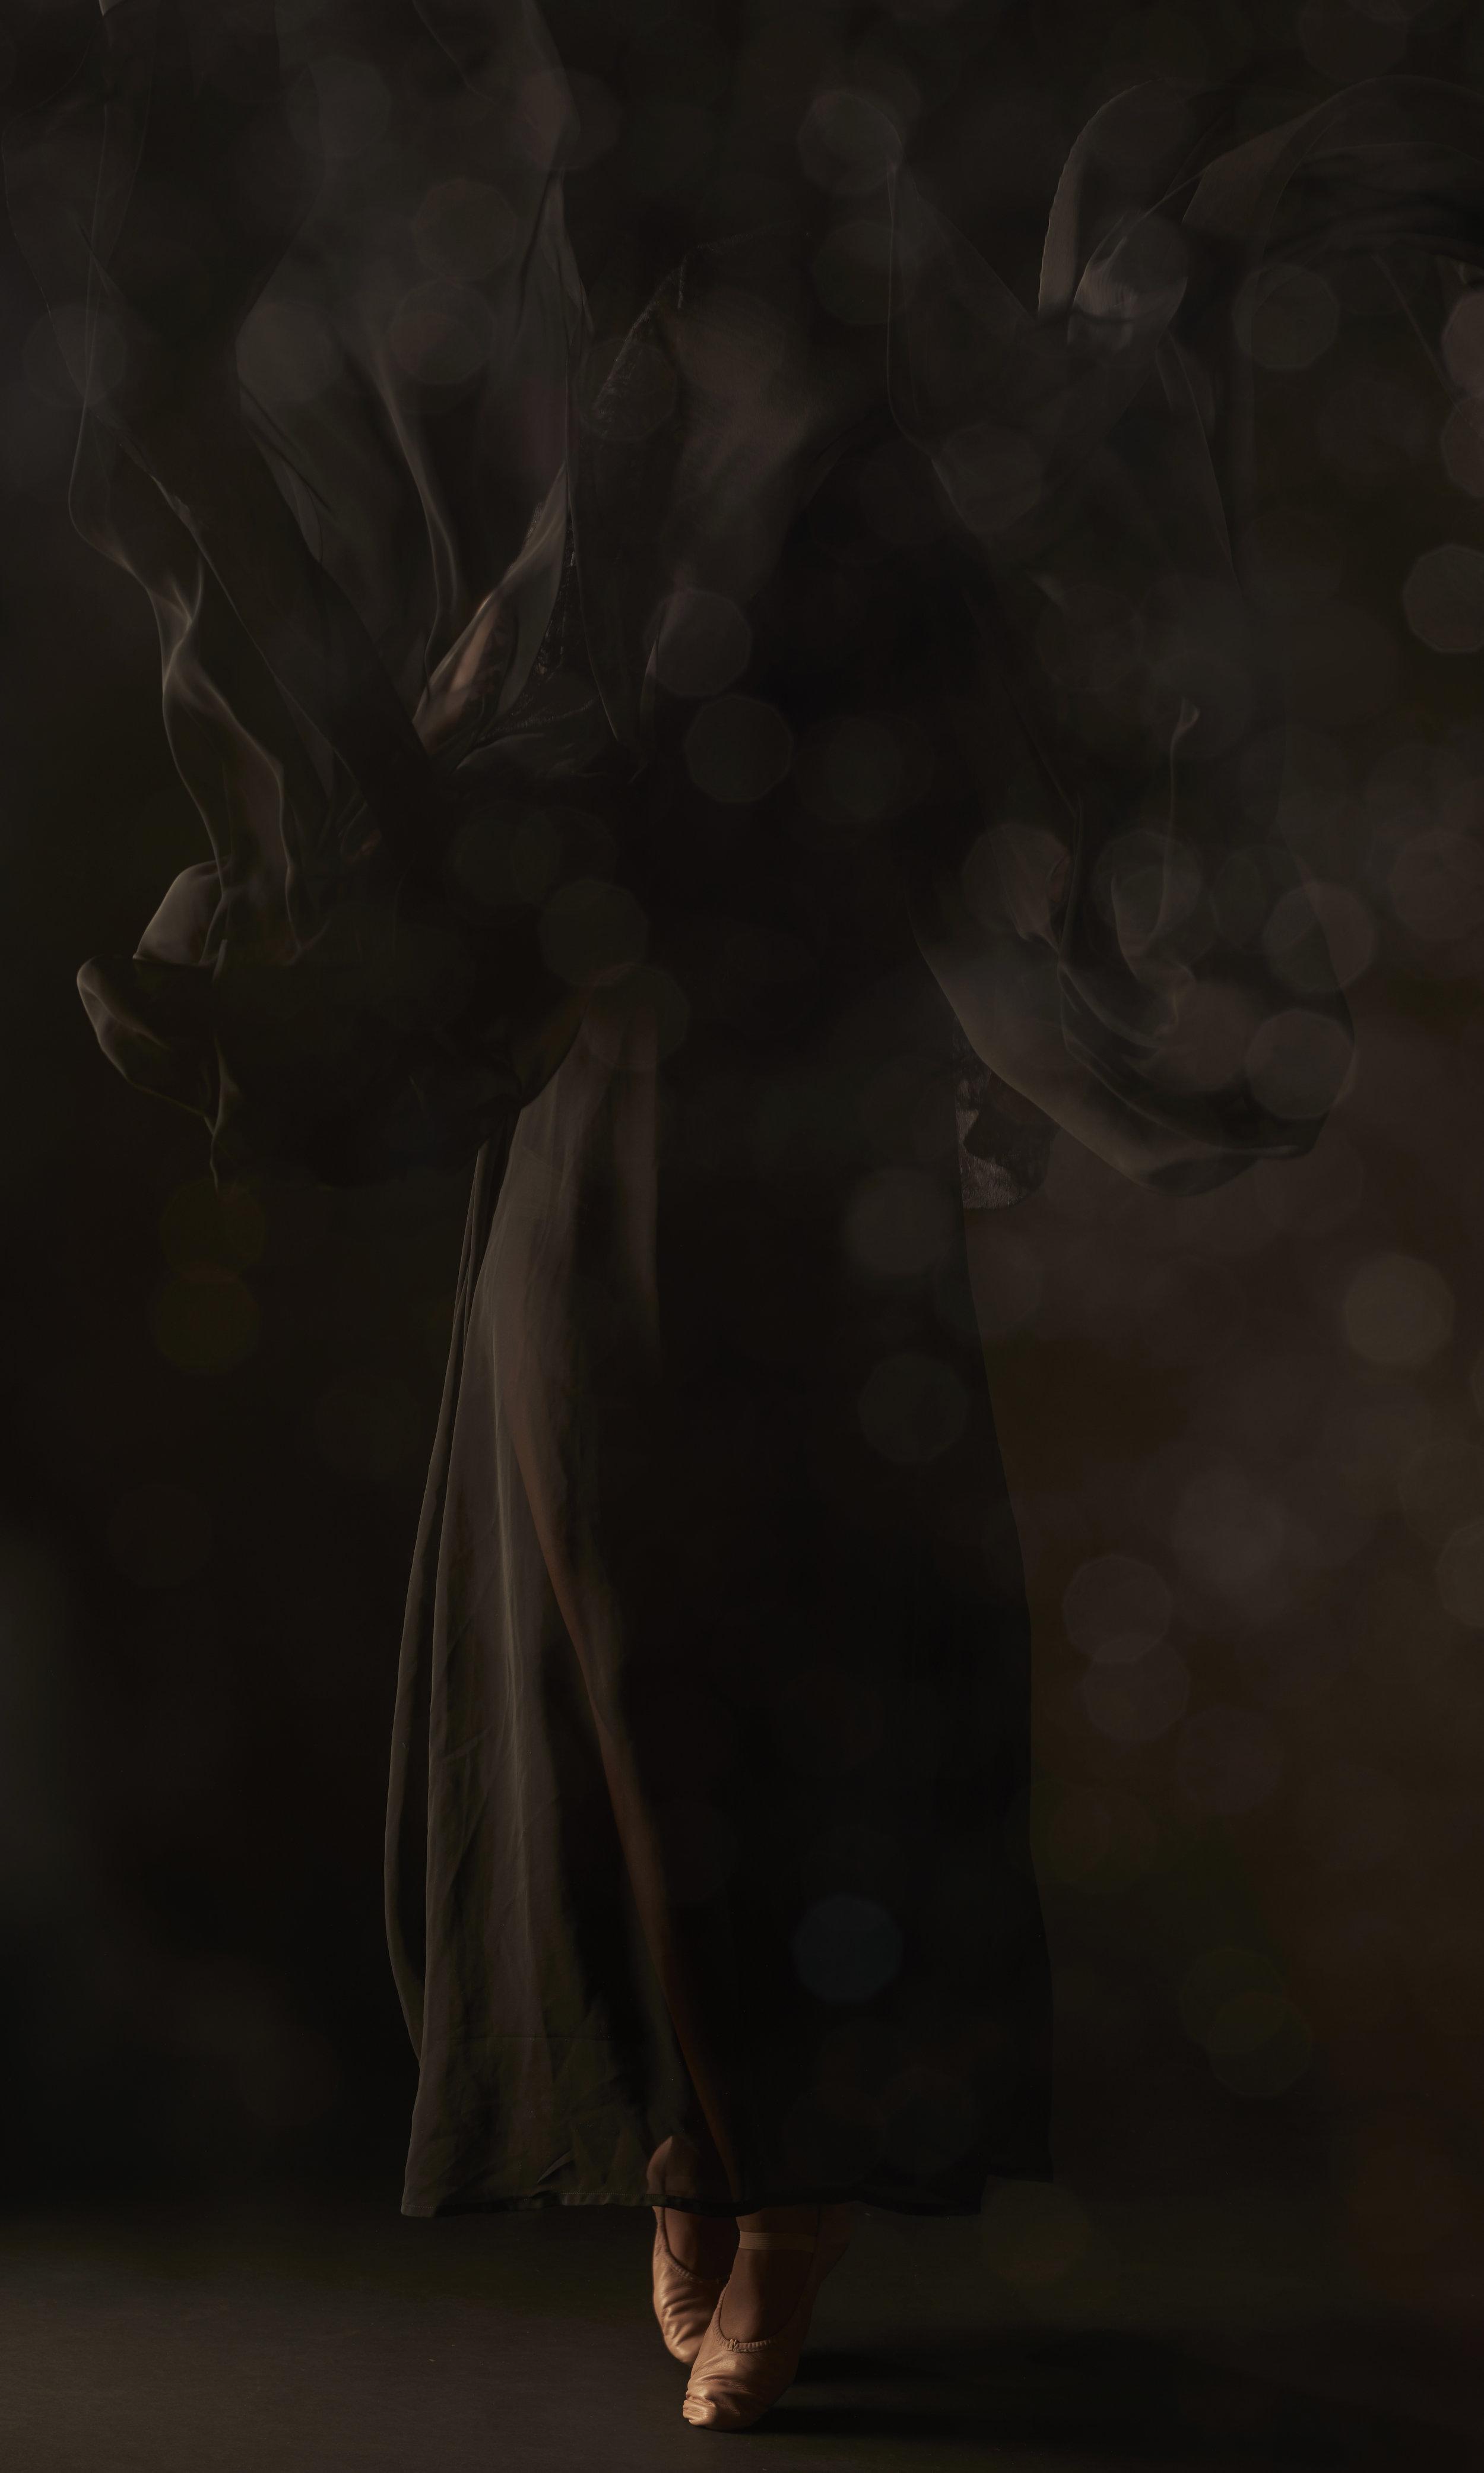 GhostprojectTest 4 (new).jpg